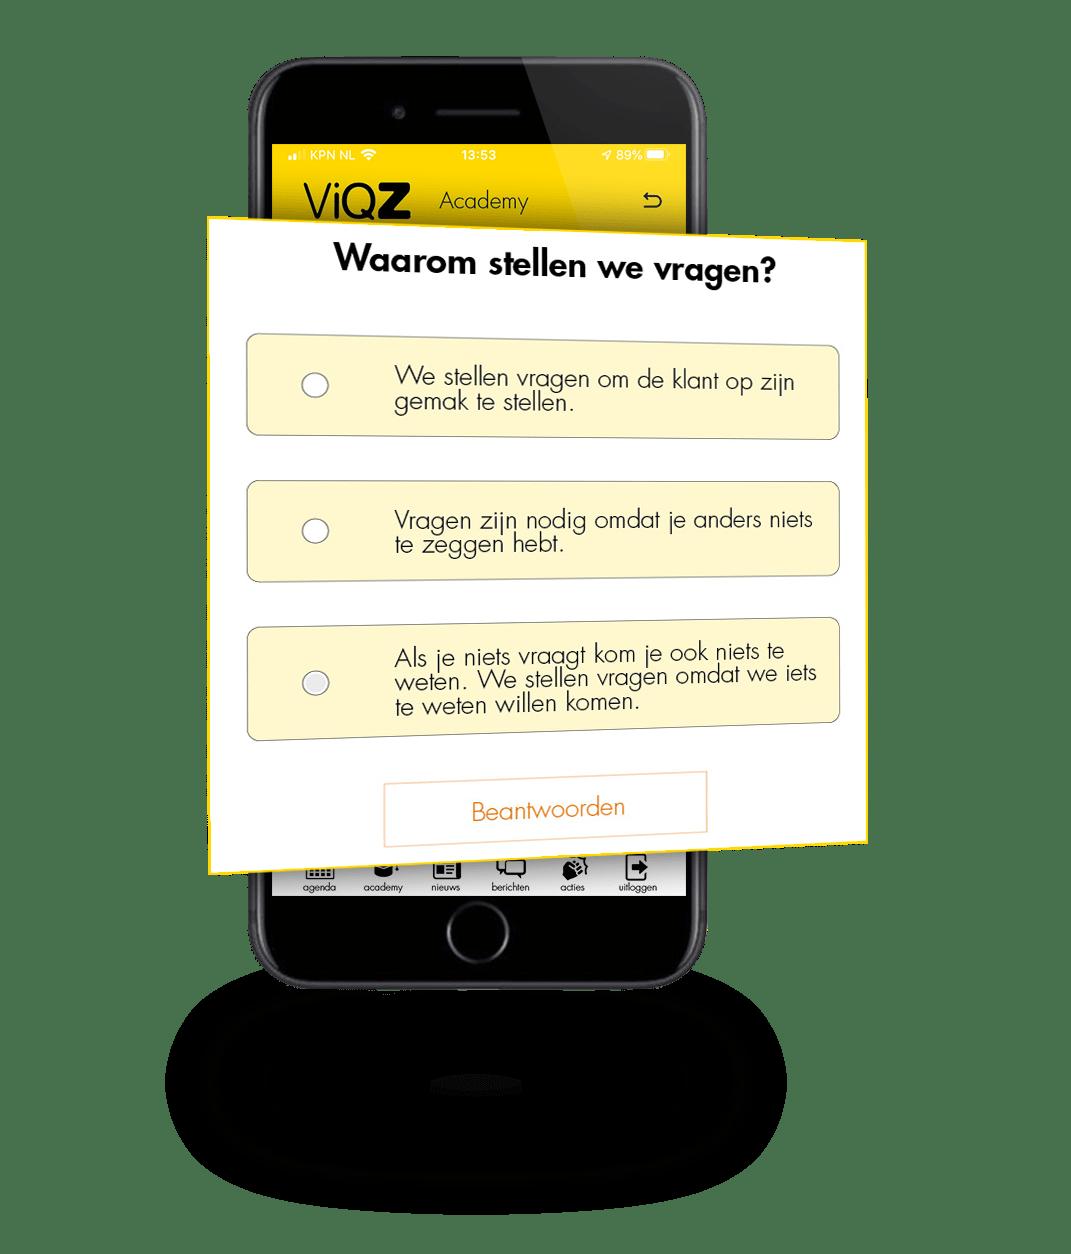 Afbeelding van de e-learning module van ViQZ Academy, de complete applicatie voor organisaties met personeel.